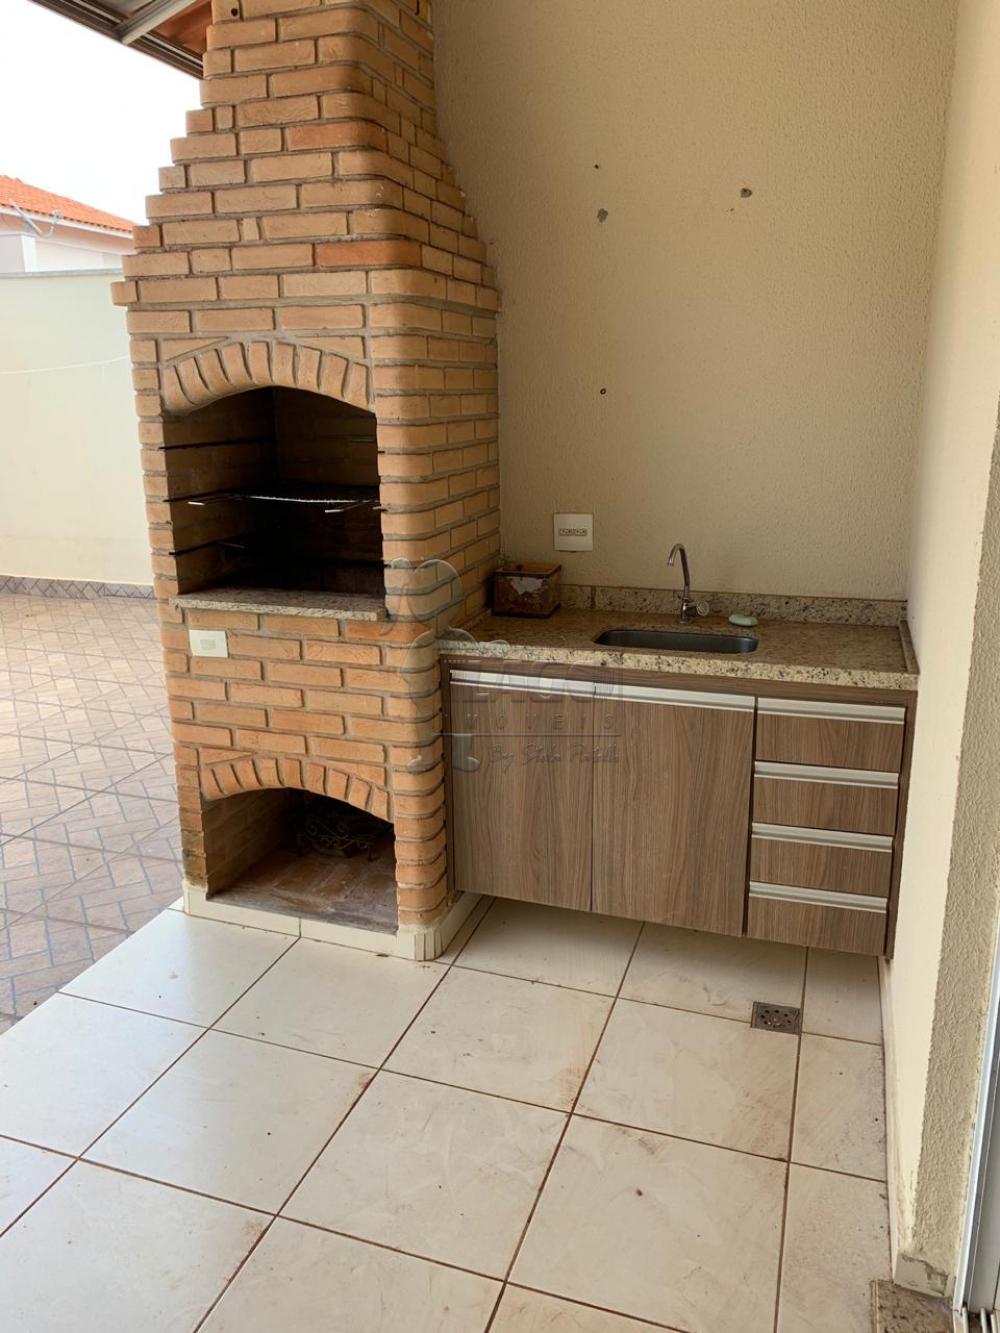 Comprar Casas / Condomínio em Ribeirão Preto apenas R$ 460.000,00 - Foto 19